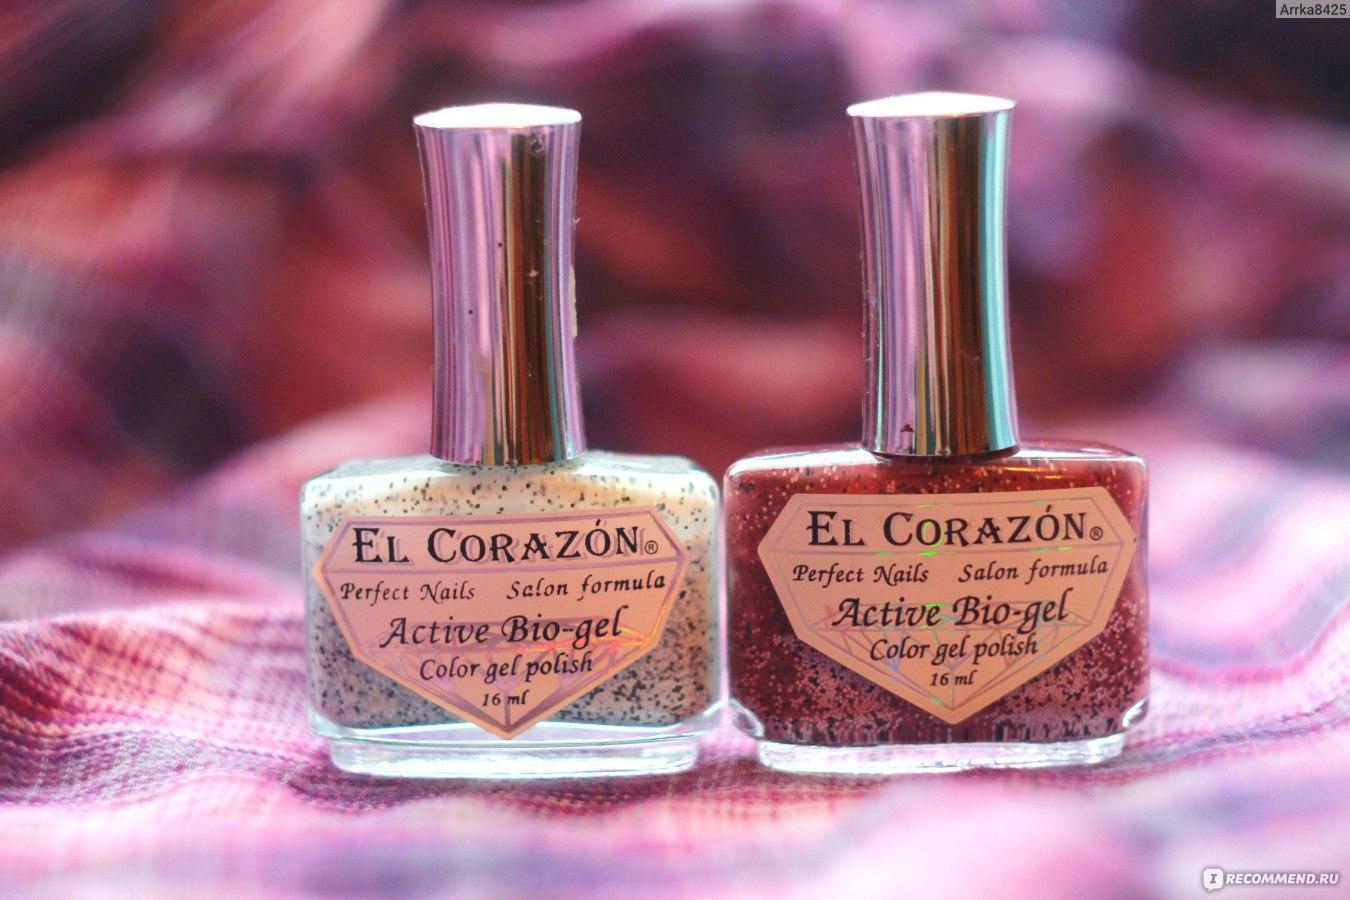 Купить в москве косметику эль коразон eve parfum avon